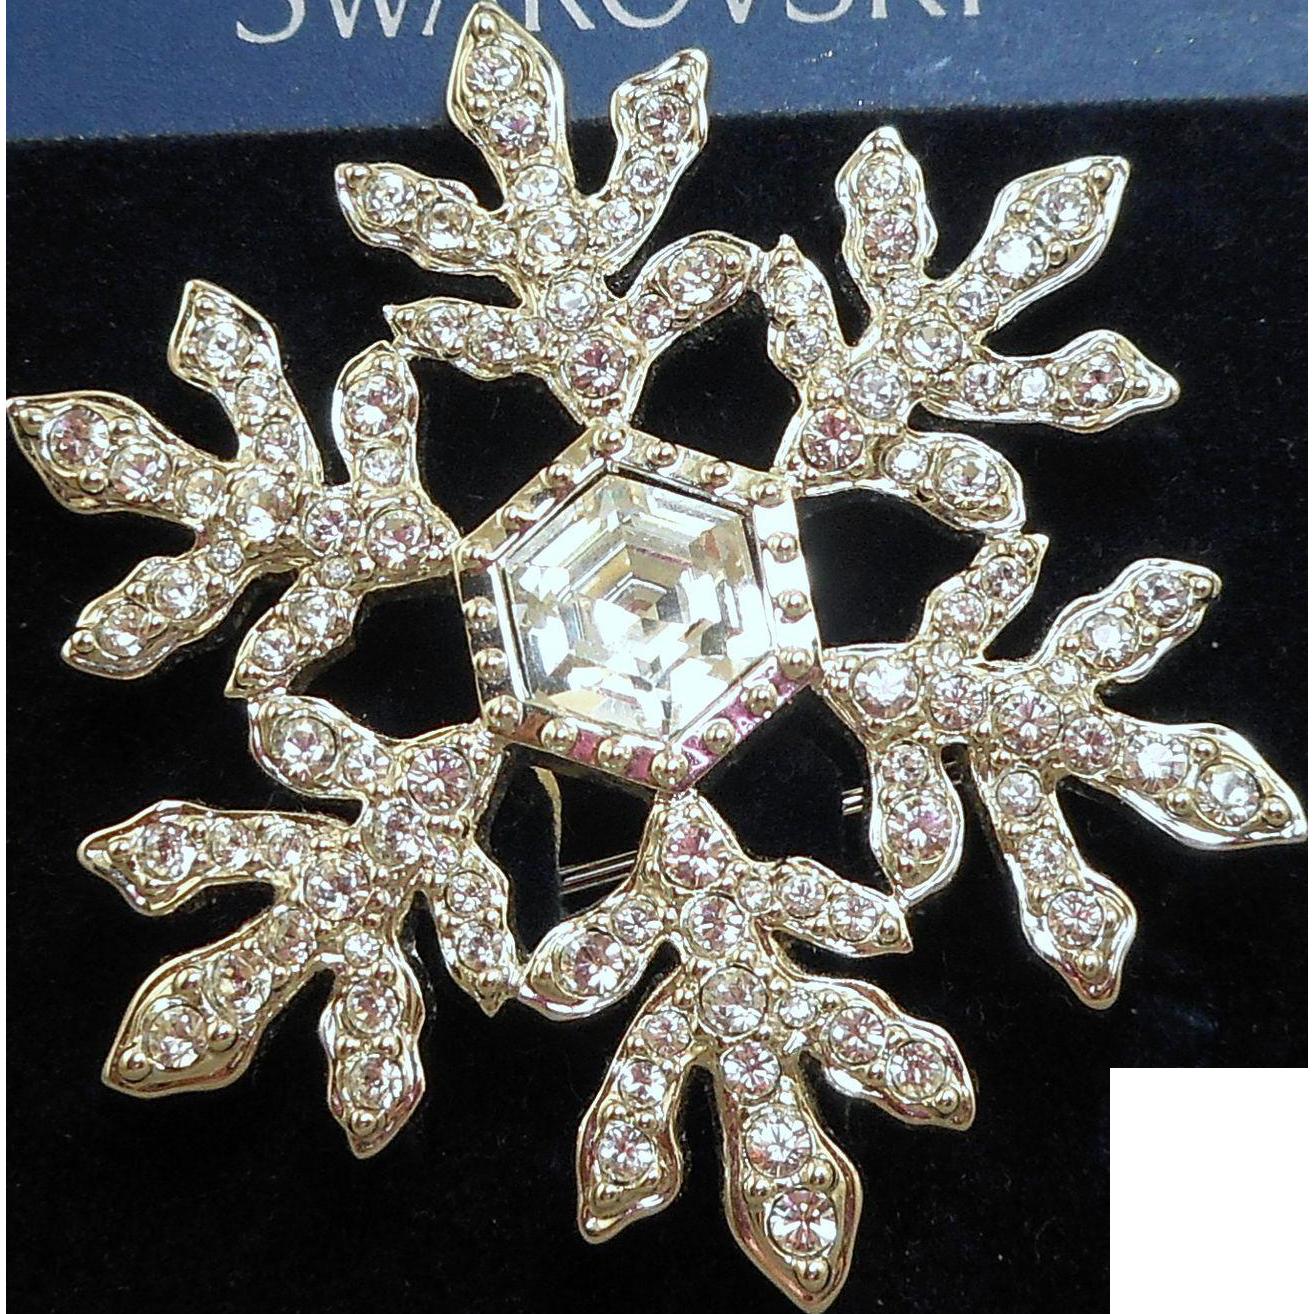 Swarovski Snowflake Brooch